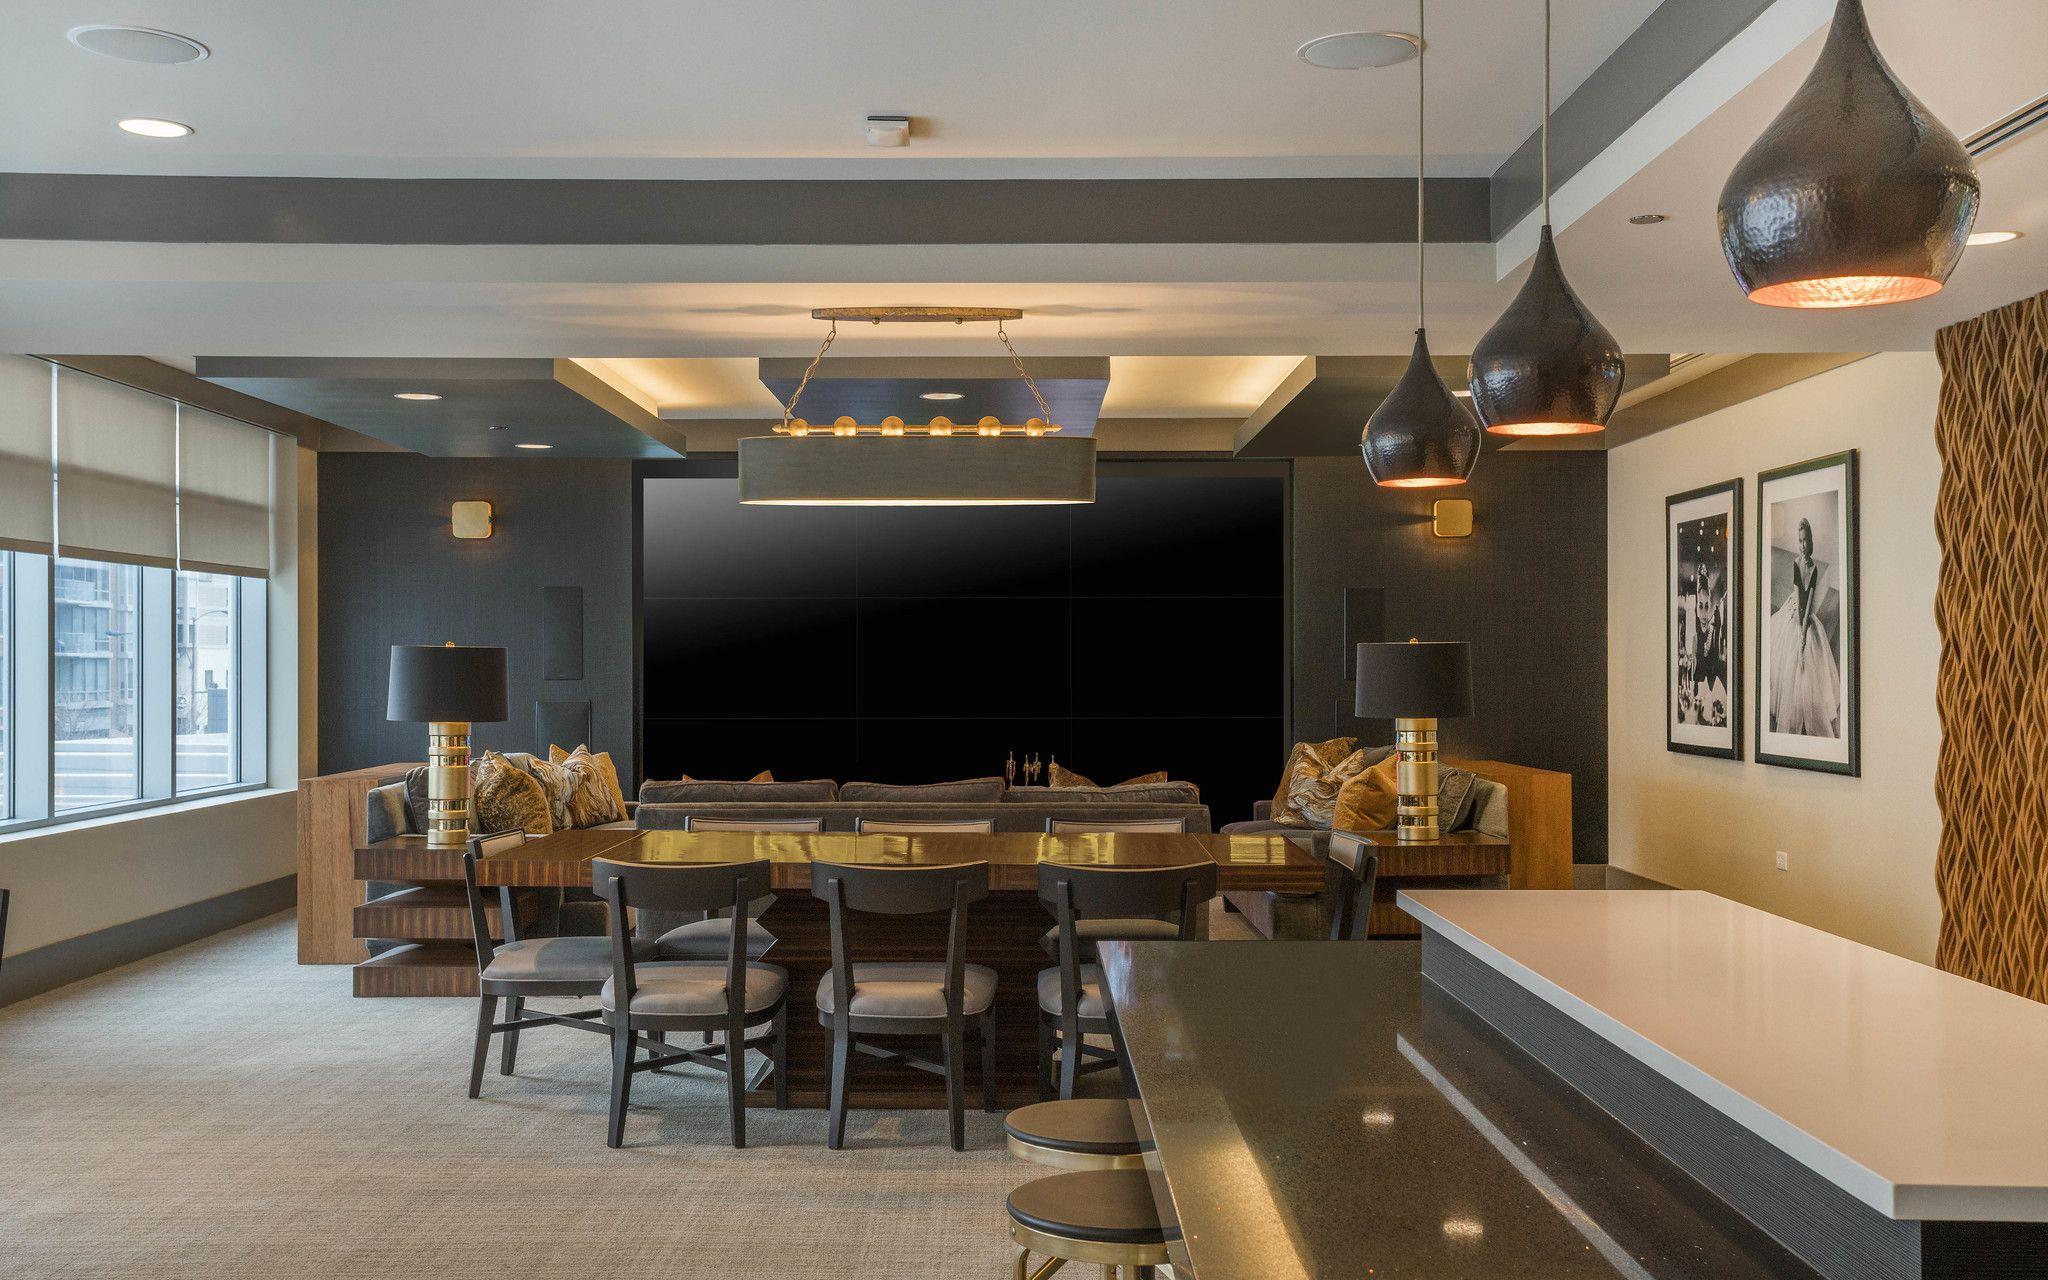 Entertainment Theatre Decor, Home decor, Room